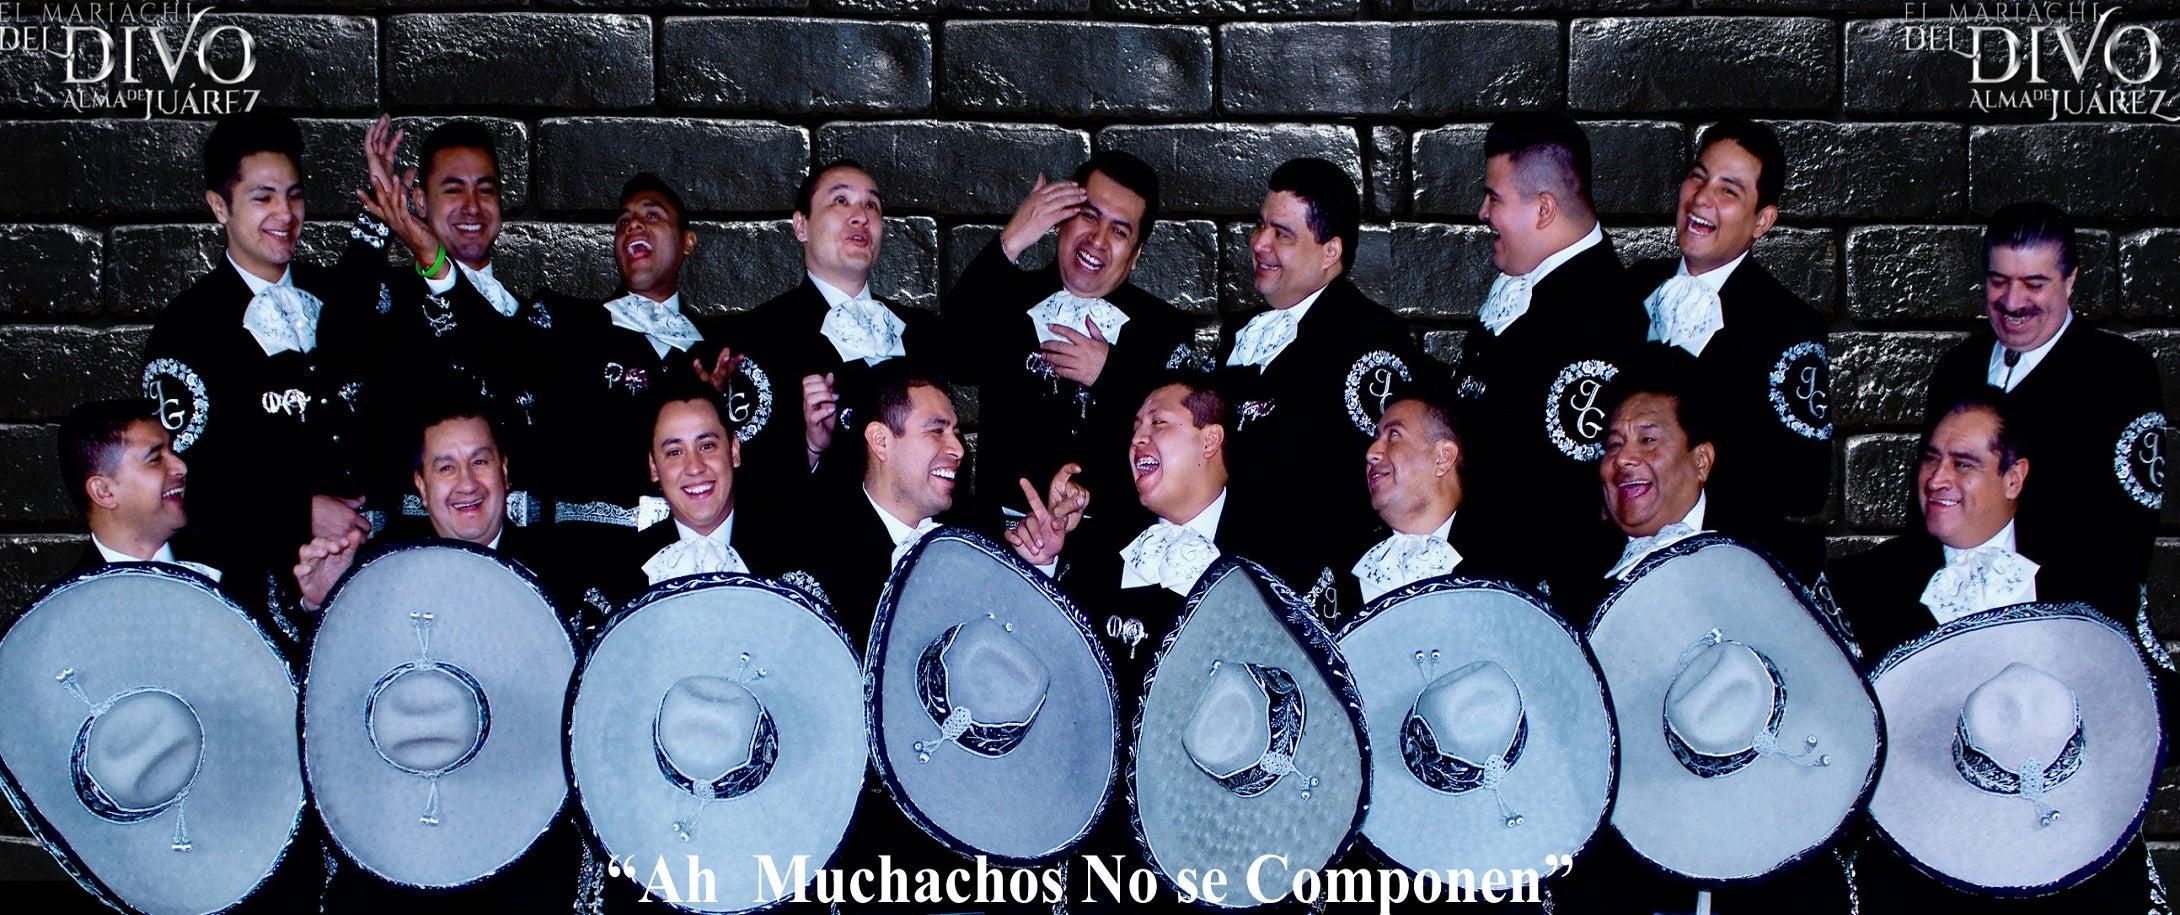 POSTPONED - Gran Concierto Musical de Dia de la Madre Con El Mariachi y la Orquesta del Divo de Juárez